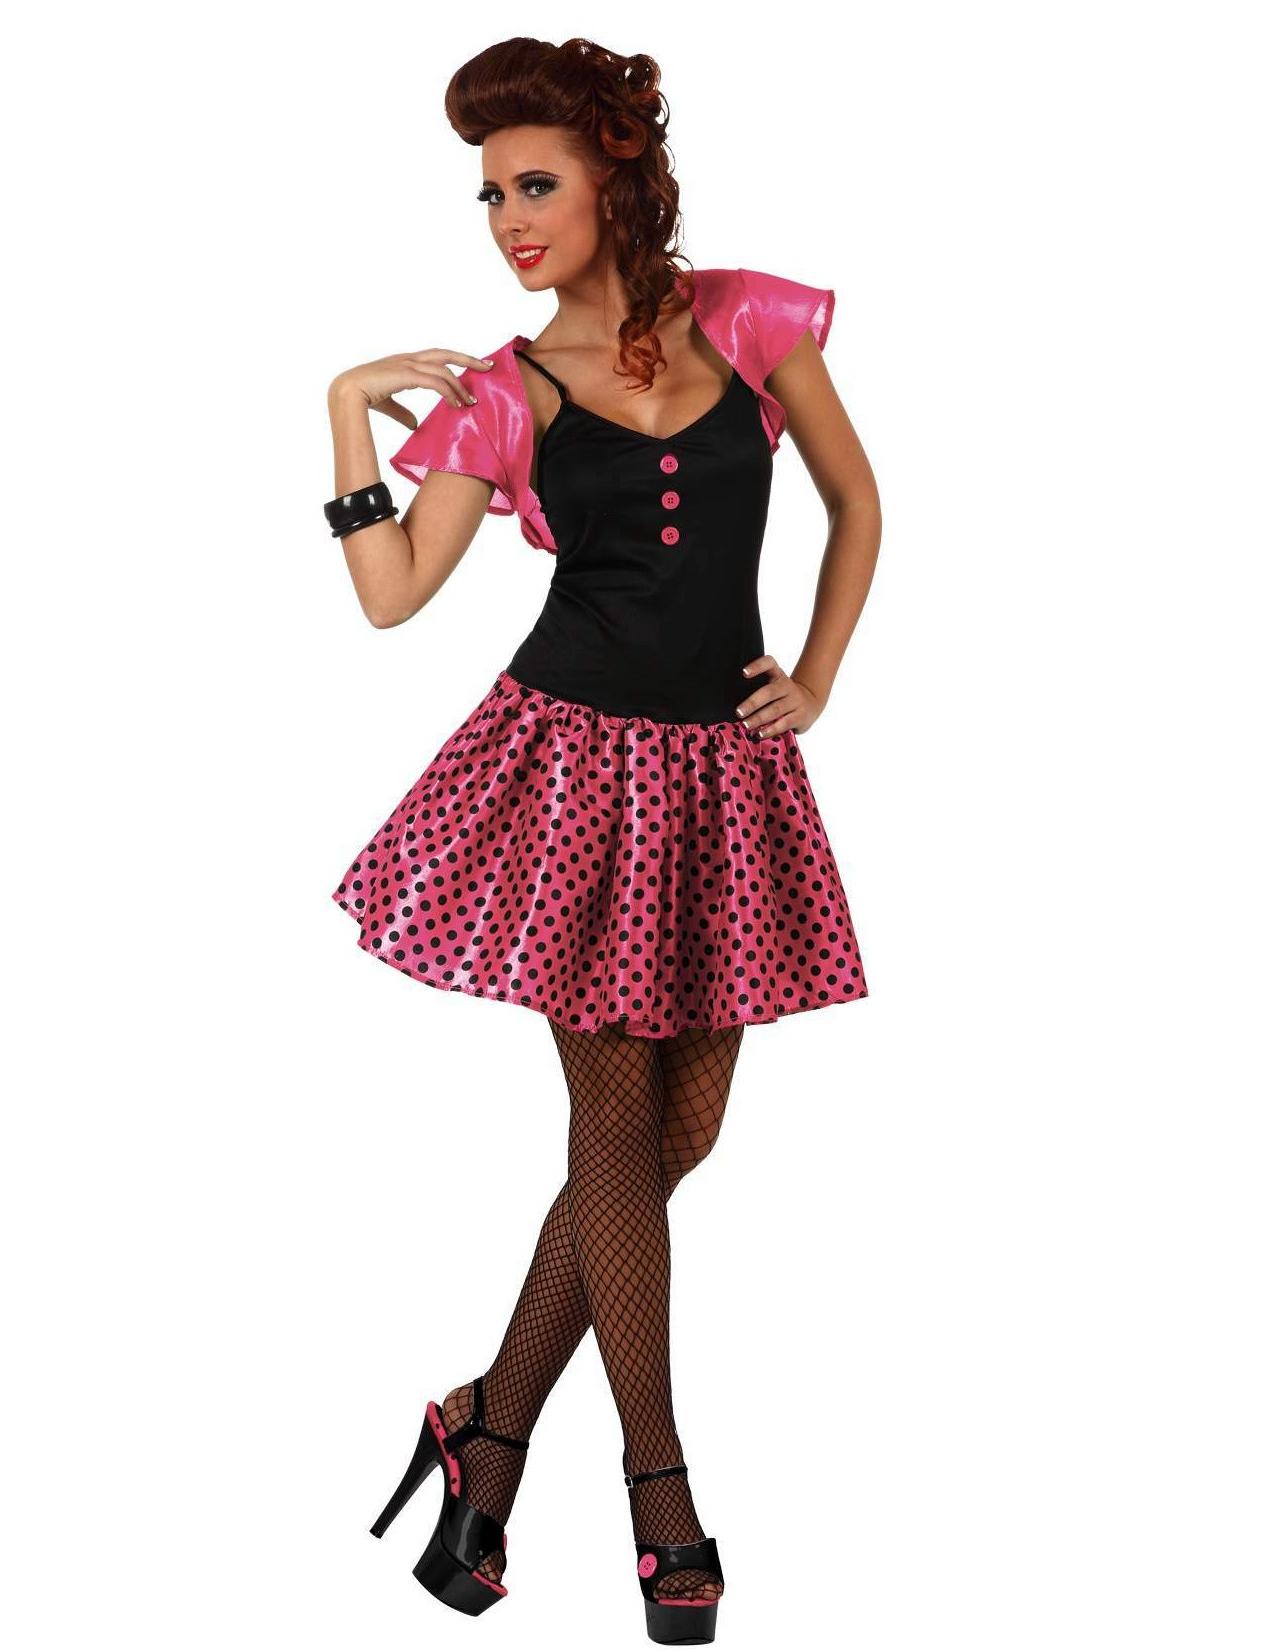 d guisement ann es 60 rose femme costume. Black Bedroom Furniture Sets. Home Design Ideas